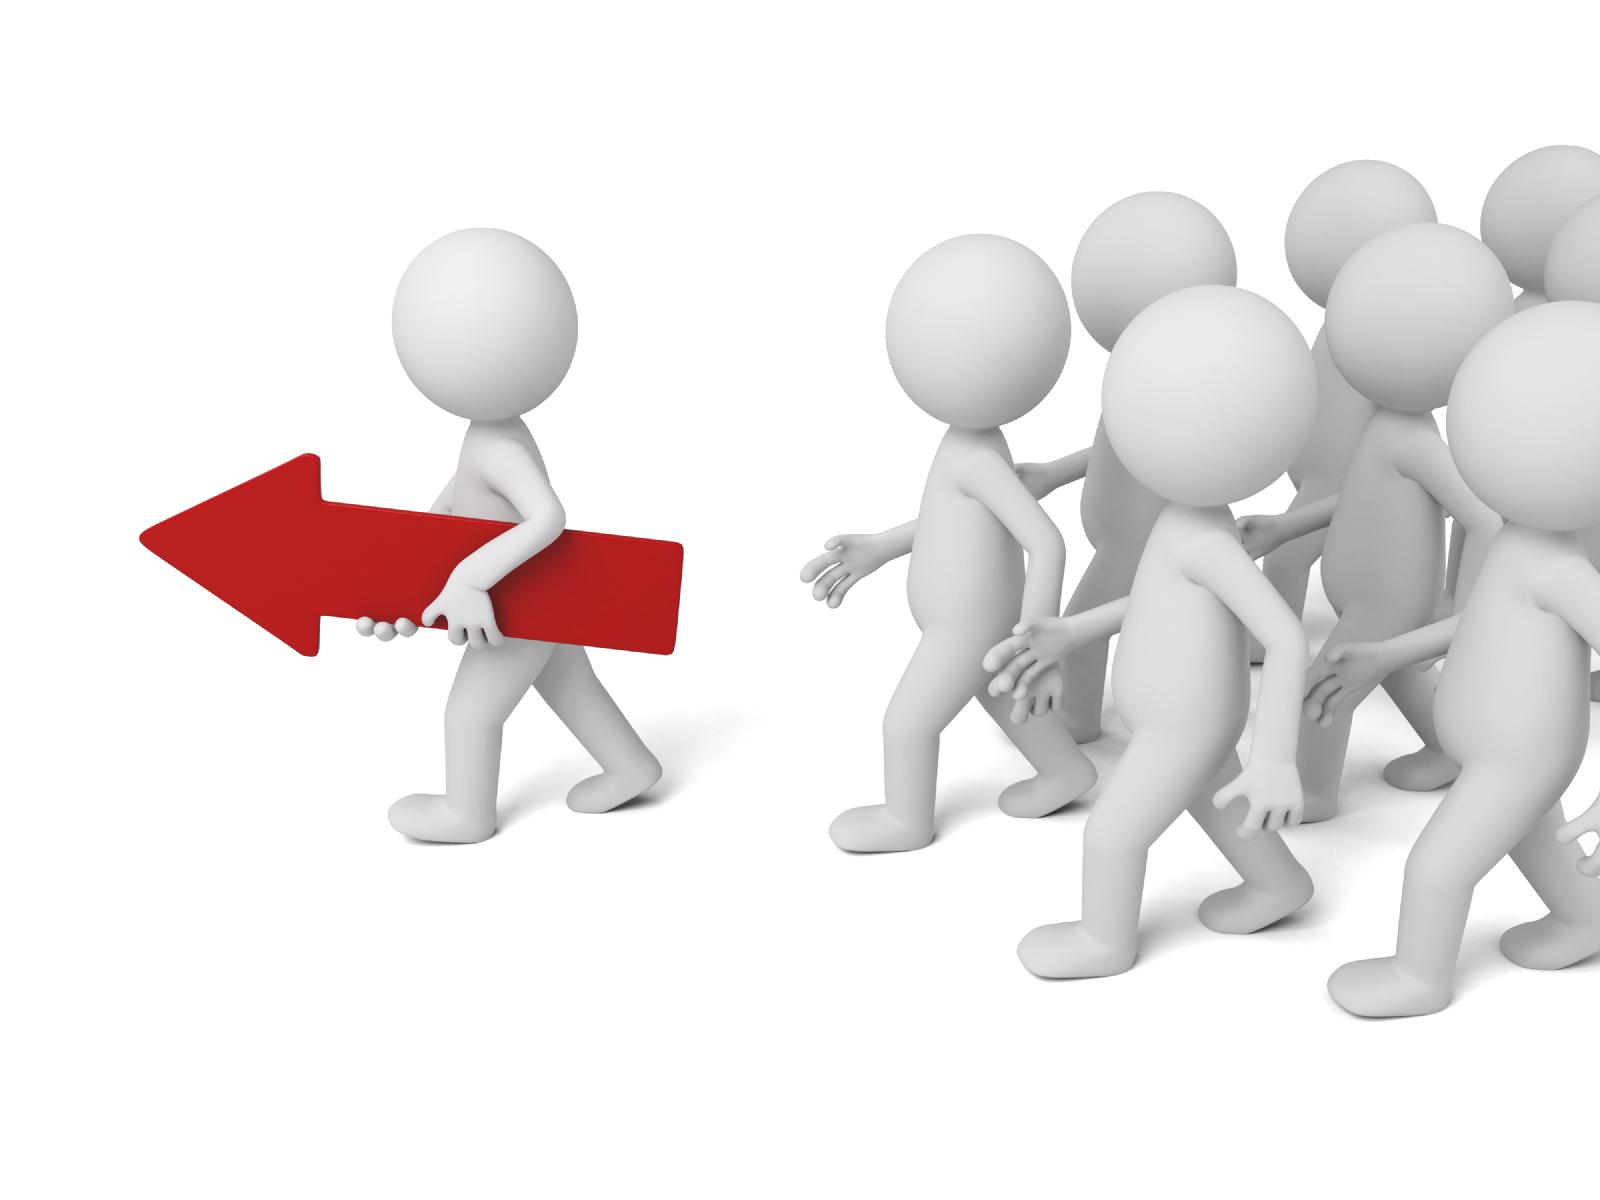 Claves y características del liderazgo transformacional